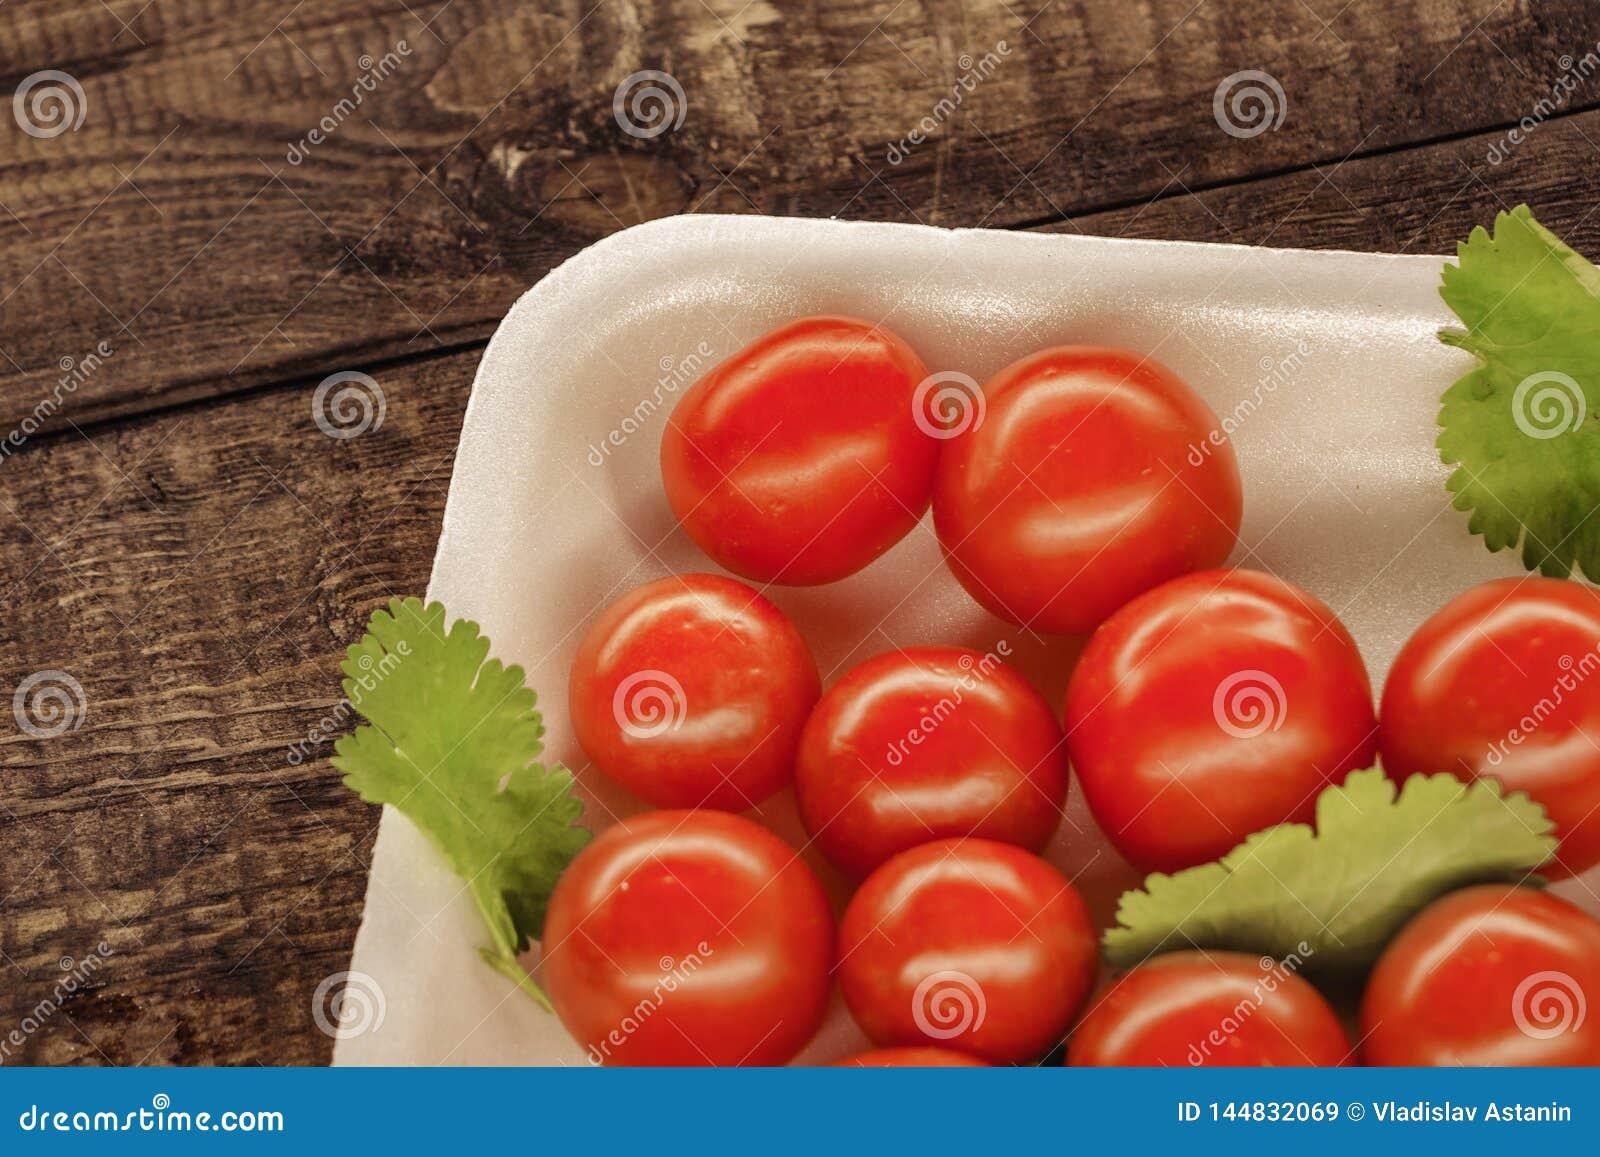 Rote Kirschtomaten auf einer wei?en Platte mit einem h?lzernen Hintergrund